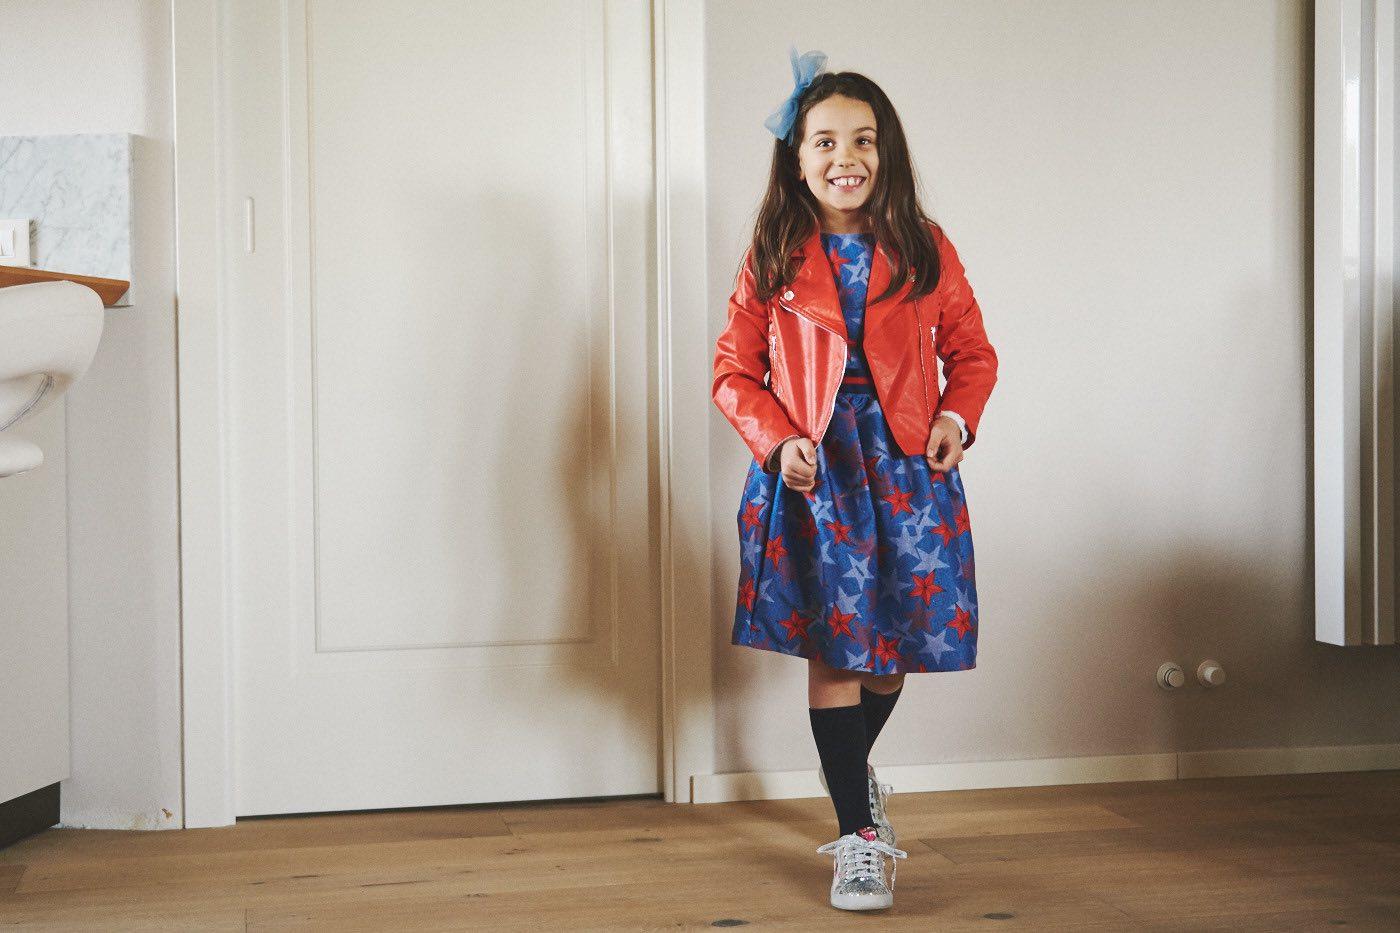 la moda bambina per la primavera e come vestire i bambini chiodo rosso di pelle